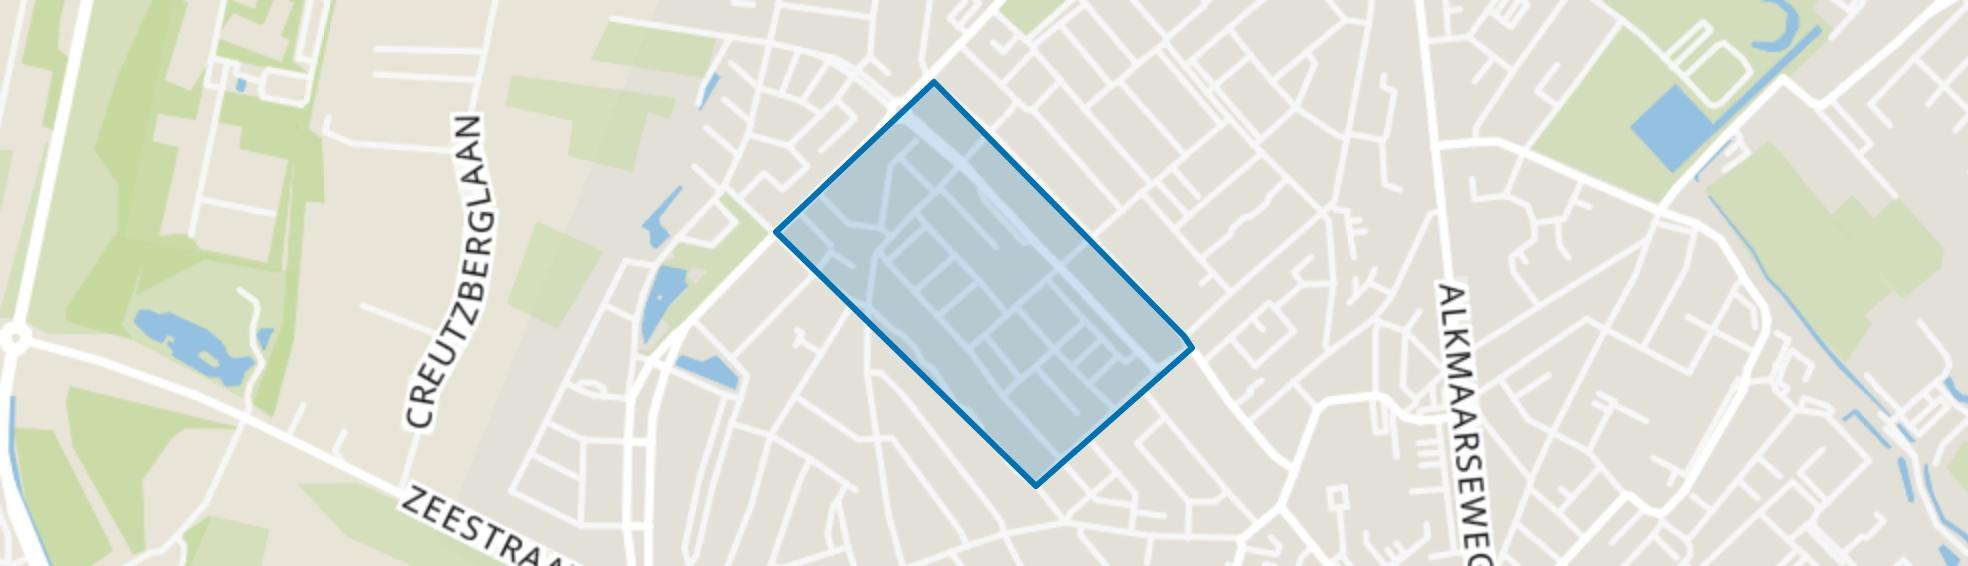 Plantage, Beverwijk map